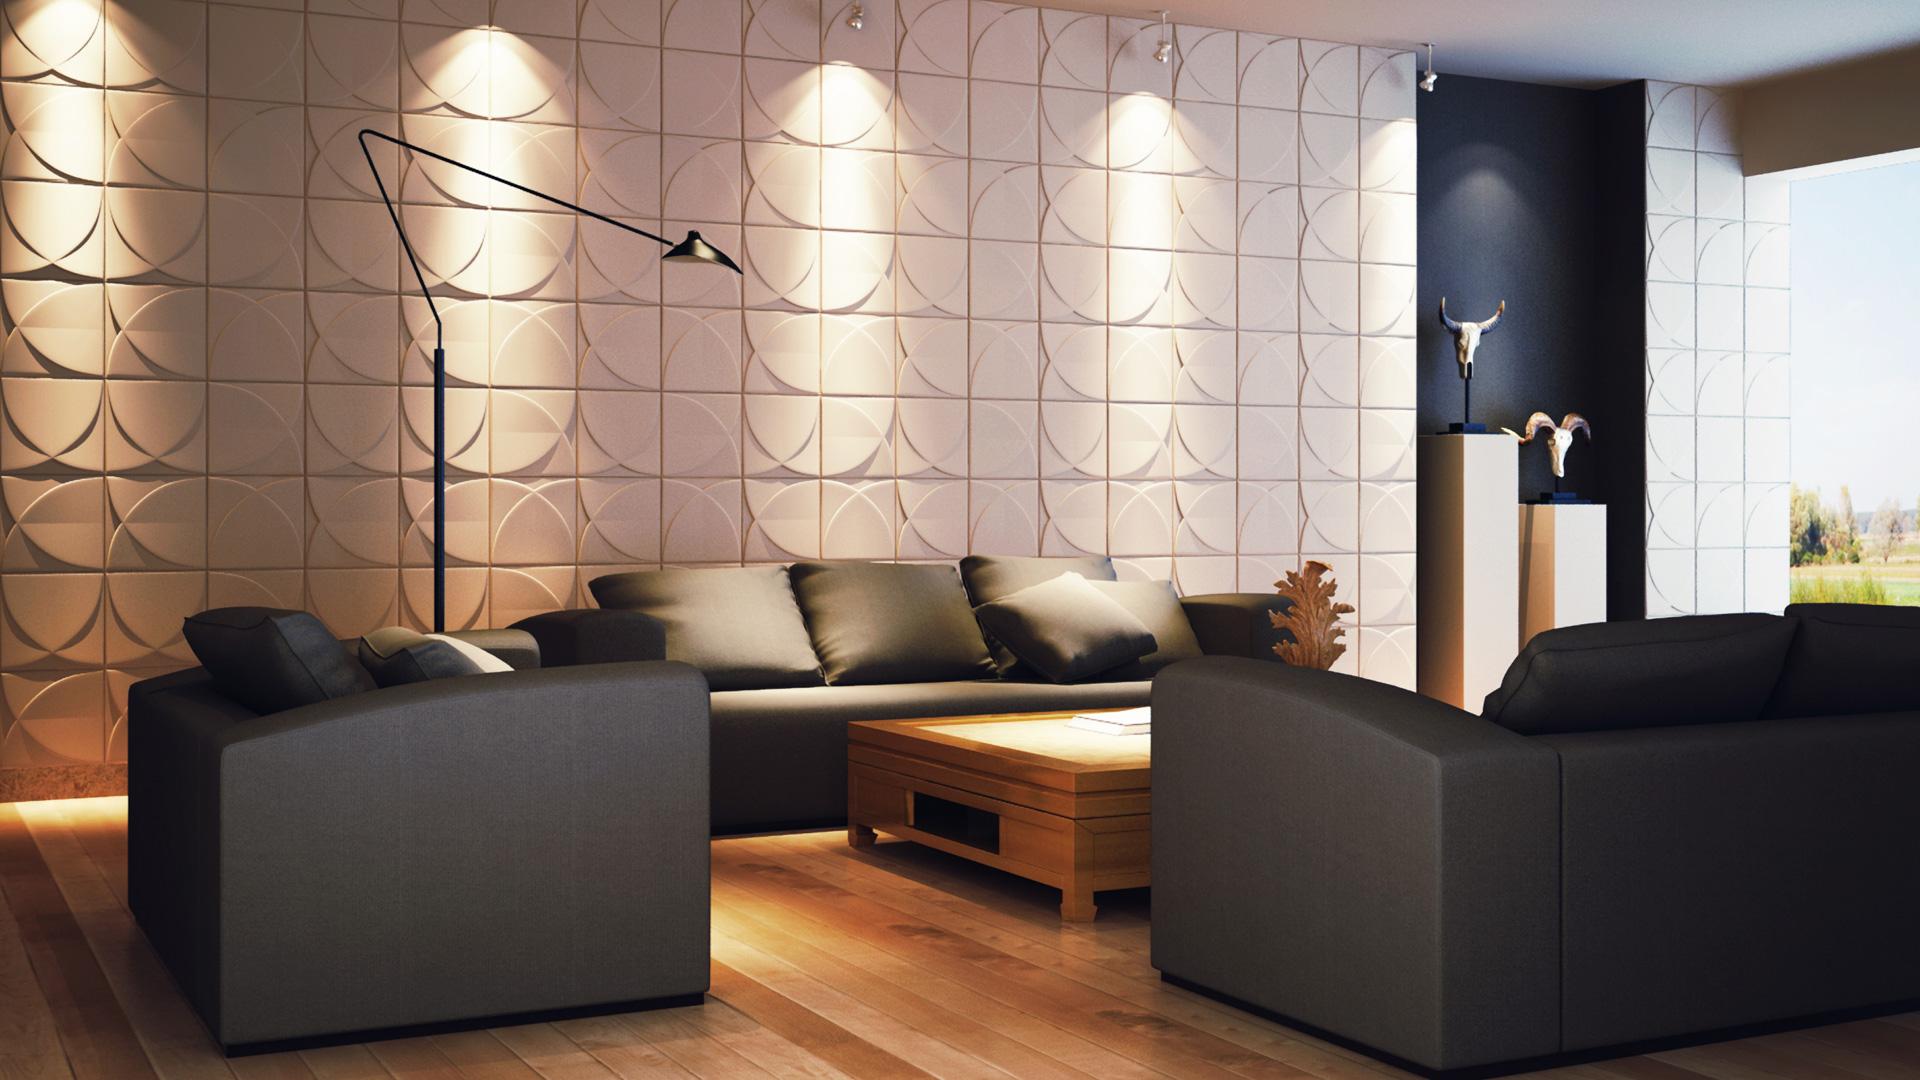 wohnzimmer 3d wandpaneele deckenpaneele wandverkleidung aus bambus. Black Bedroom Furniture Sets. Home Design Ideas